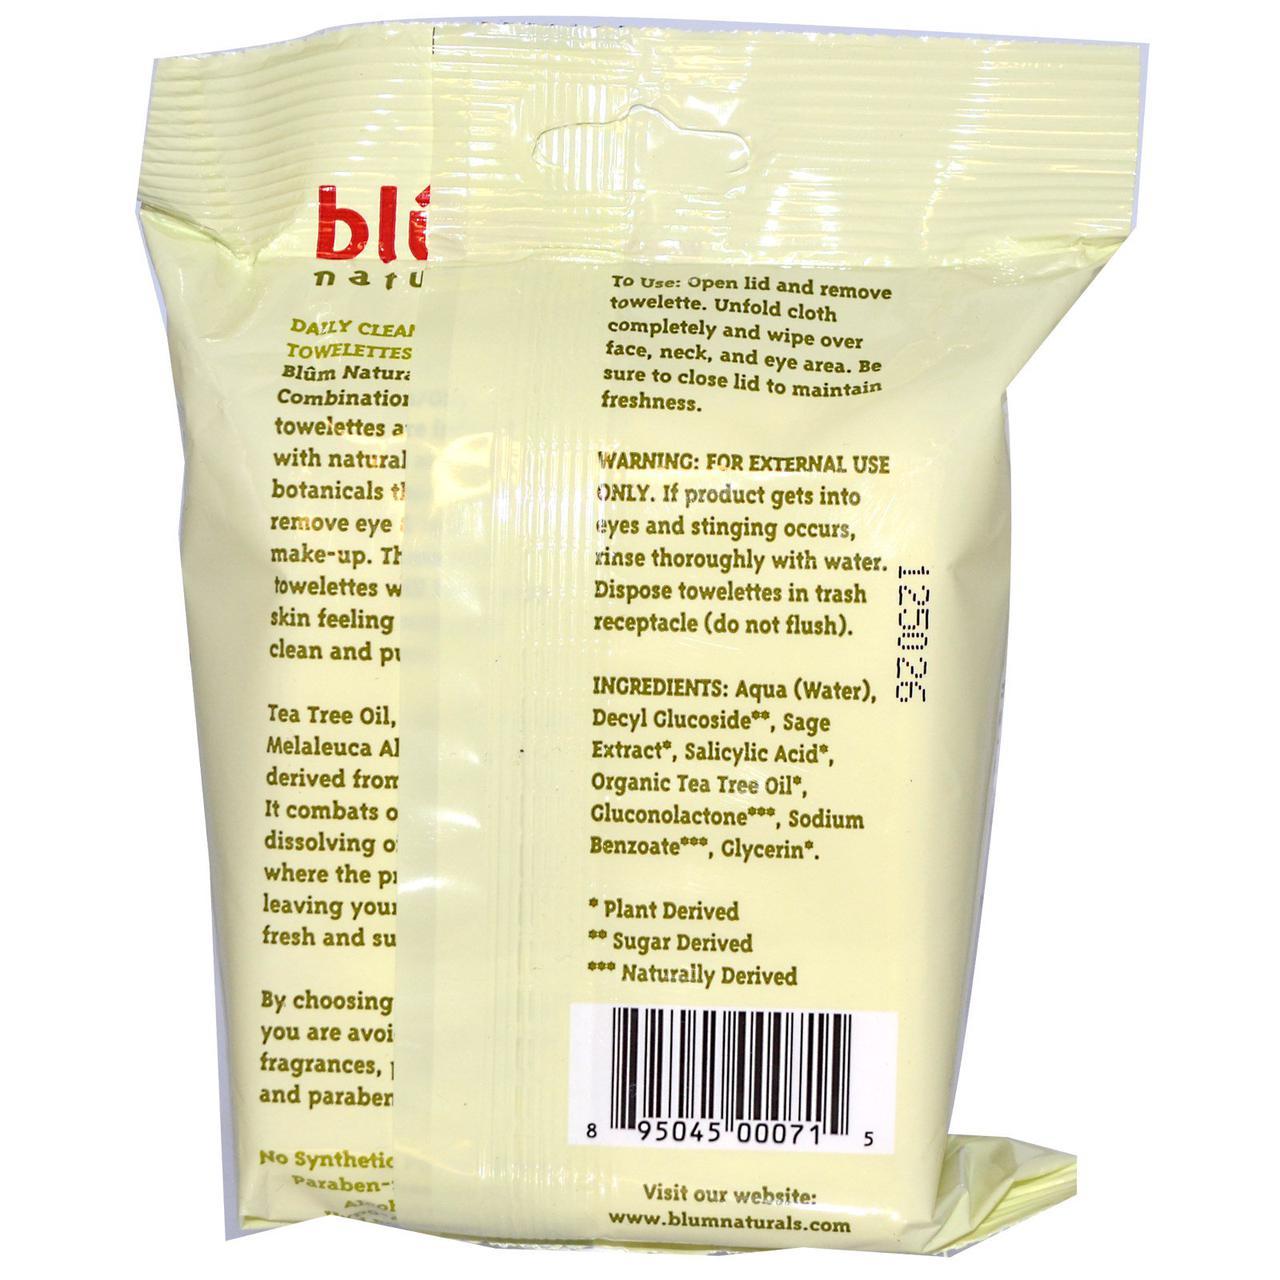 Blum Naturals, Ежедневные очищающие салфетки для снятия макияжа для жирной и комбинированной кожи, чайное дерево, 30 салфеток